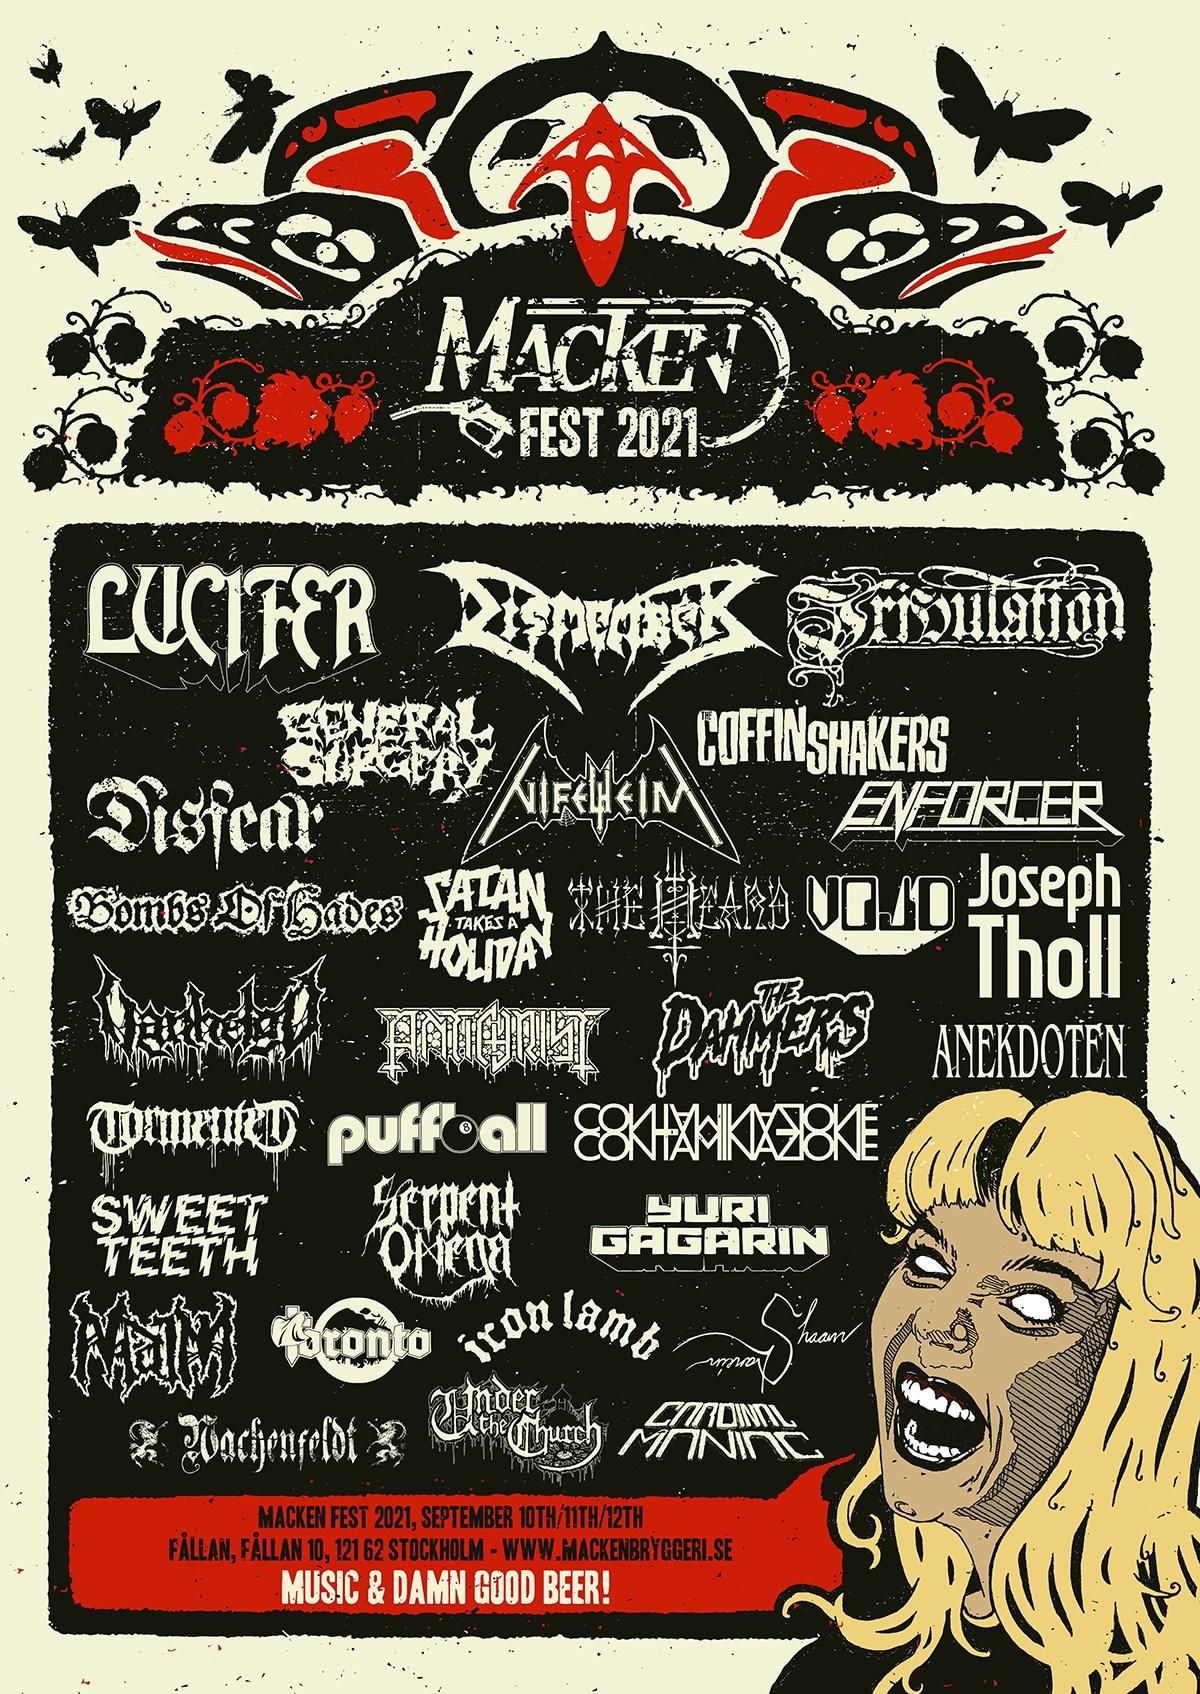 Macken Fest 2021 @ Slaktkyrkan